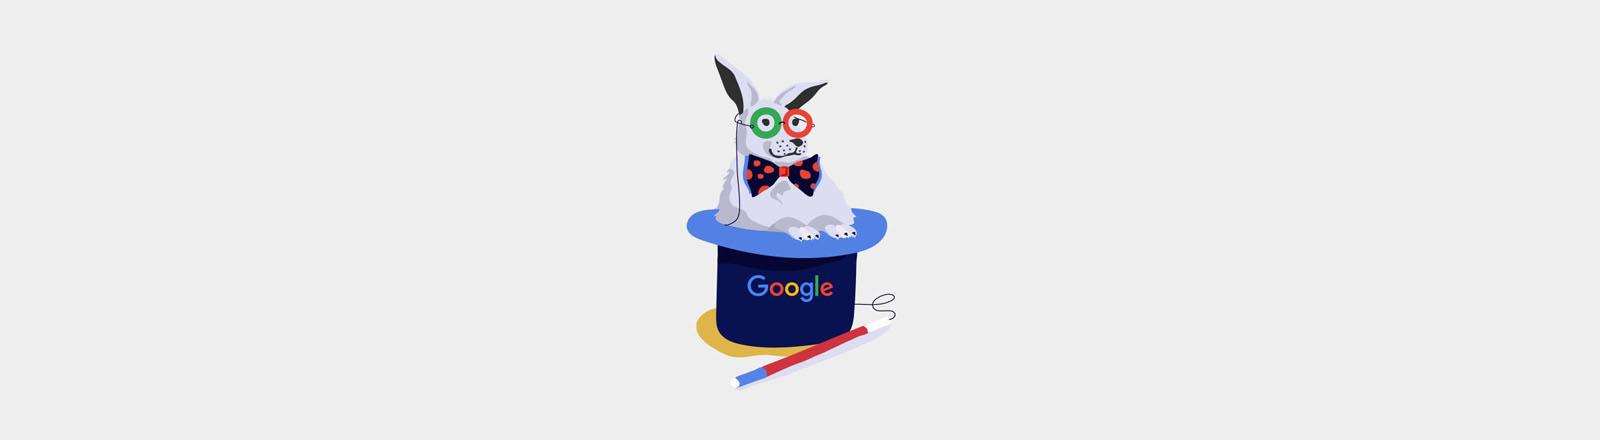 Google と提携した米・地方局、新ツール開発で若年層開拓:「直接的な収益ドライバーだ」 | DIGIDAY[日本版]